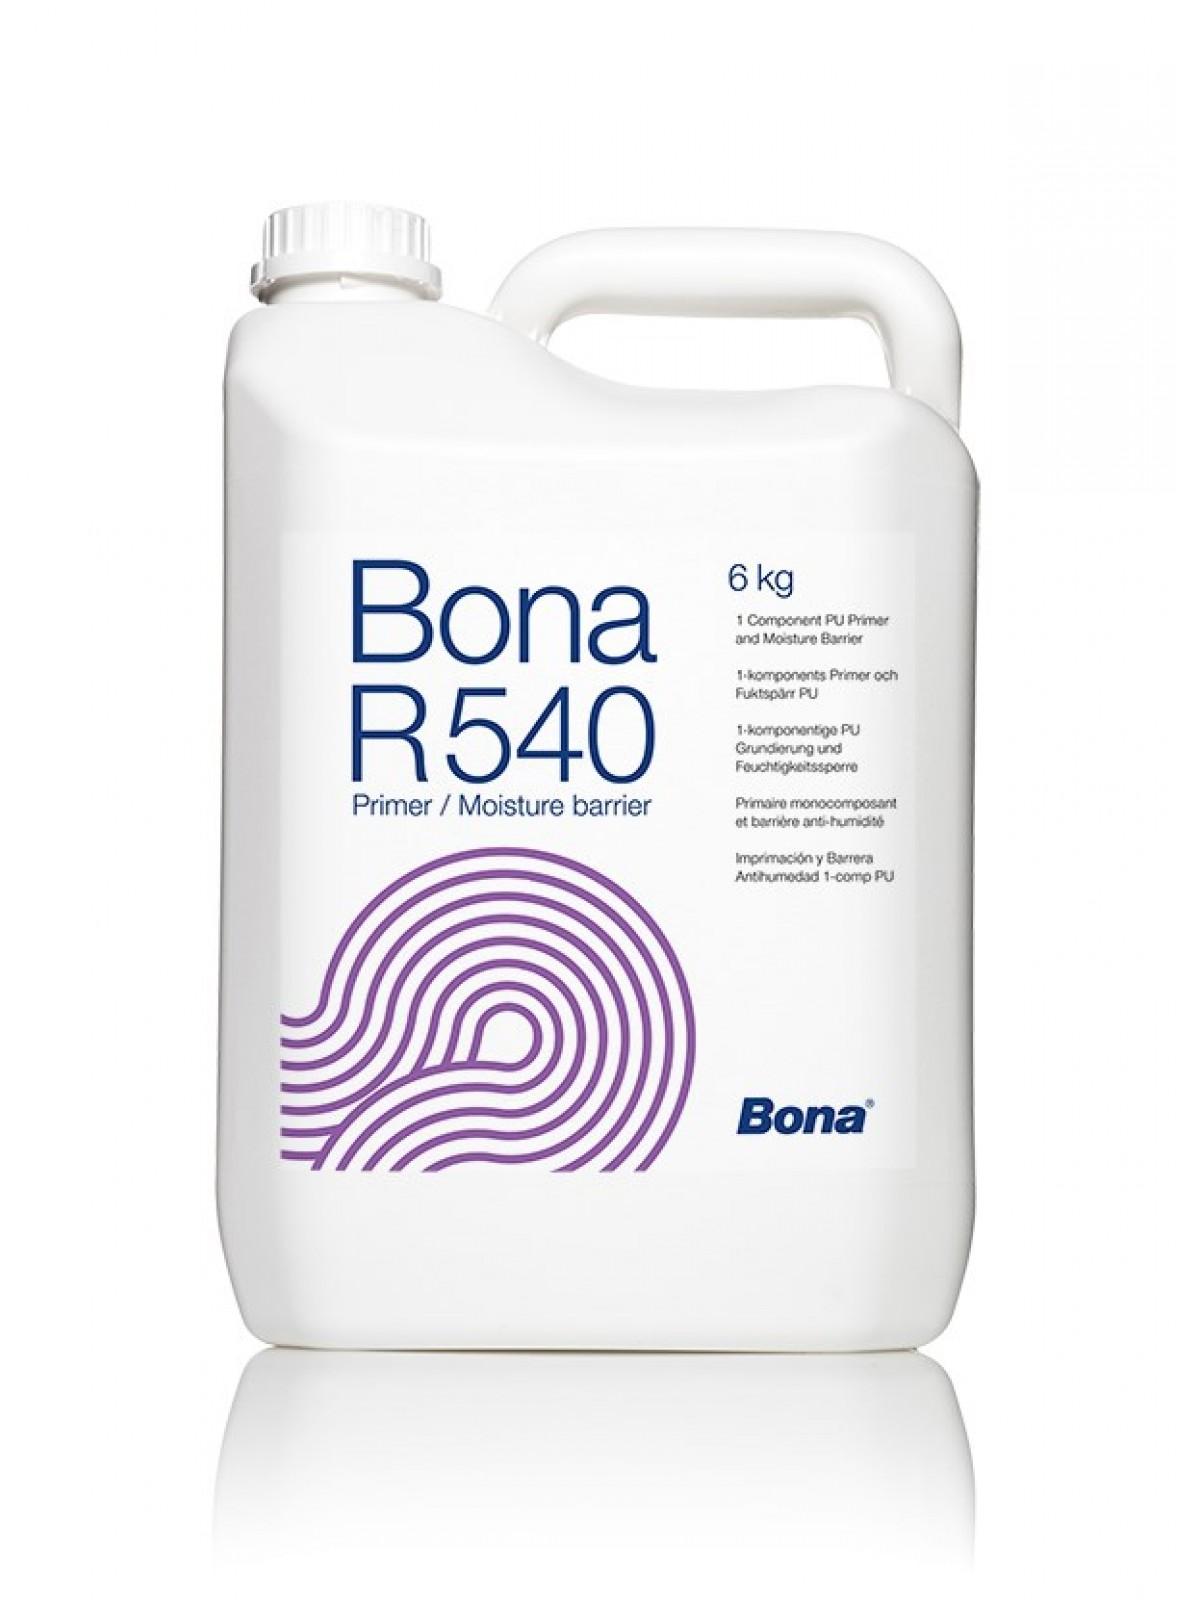 Rasina poliuretanica Bona R540 6kg